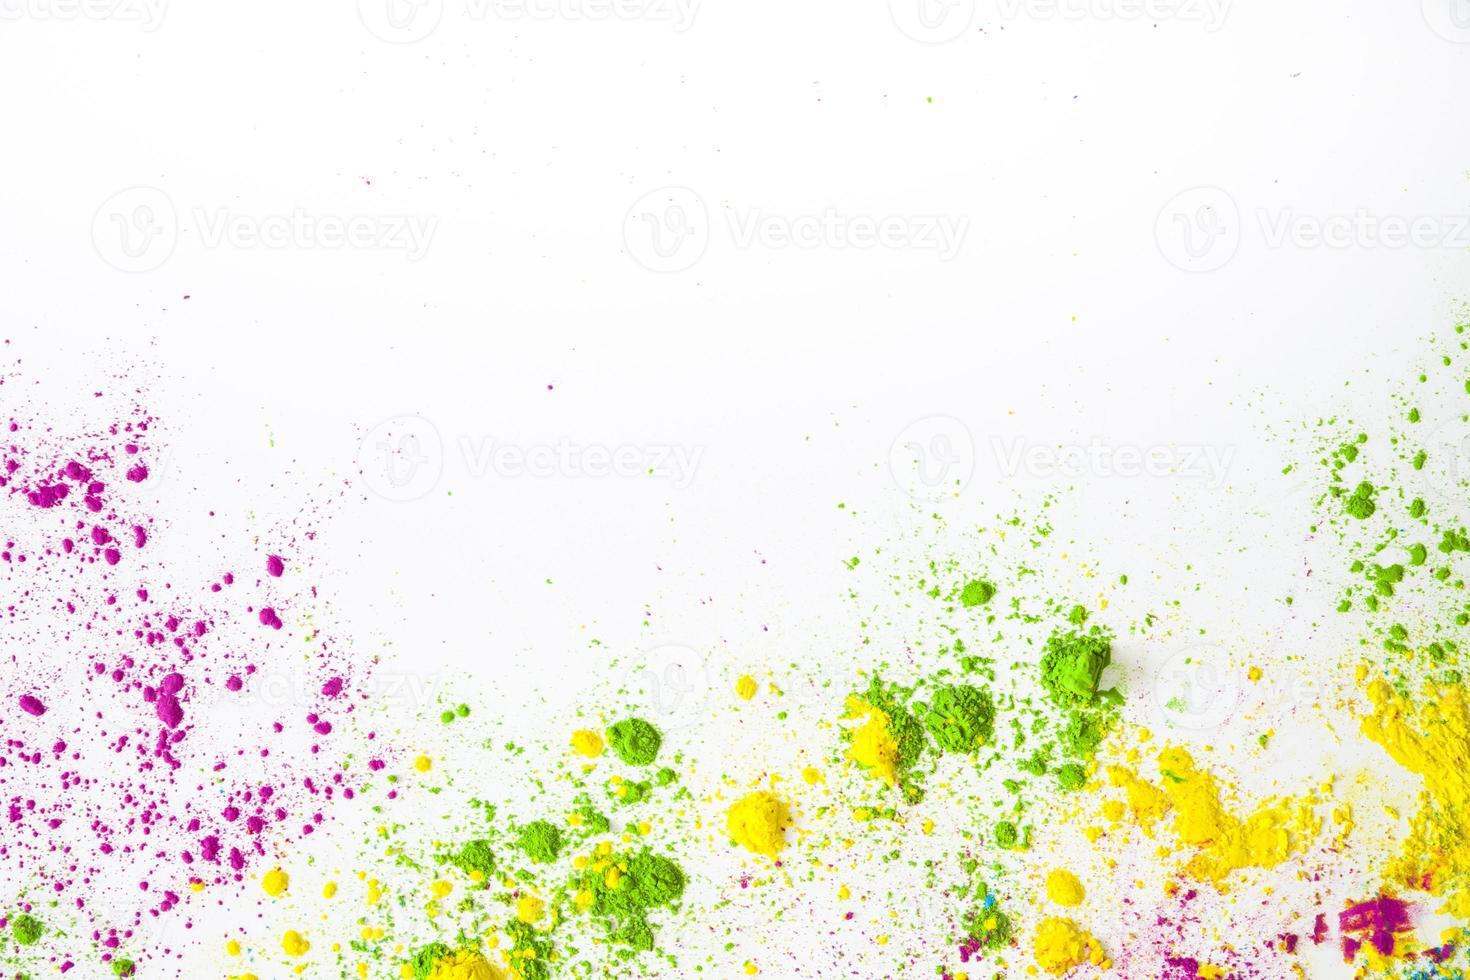 kleur poeder, holi wenskaart foto